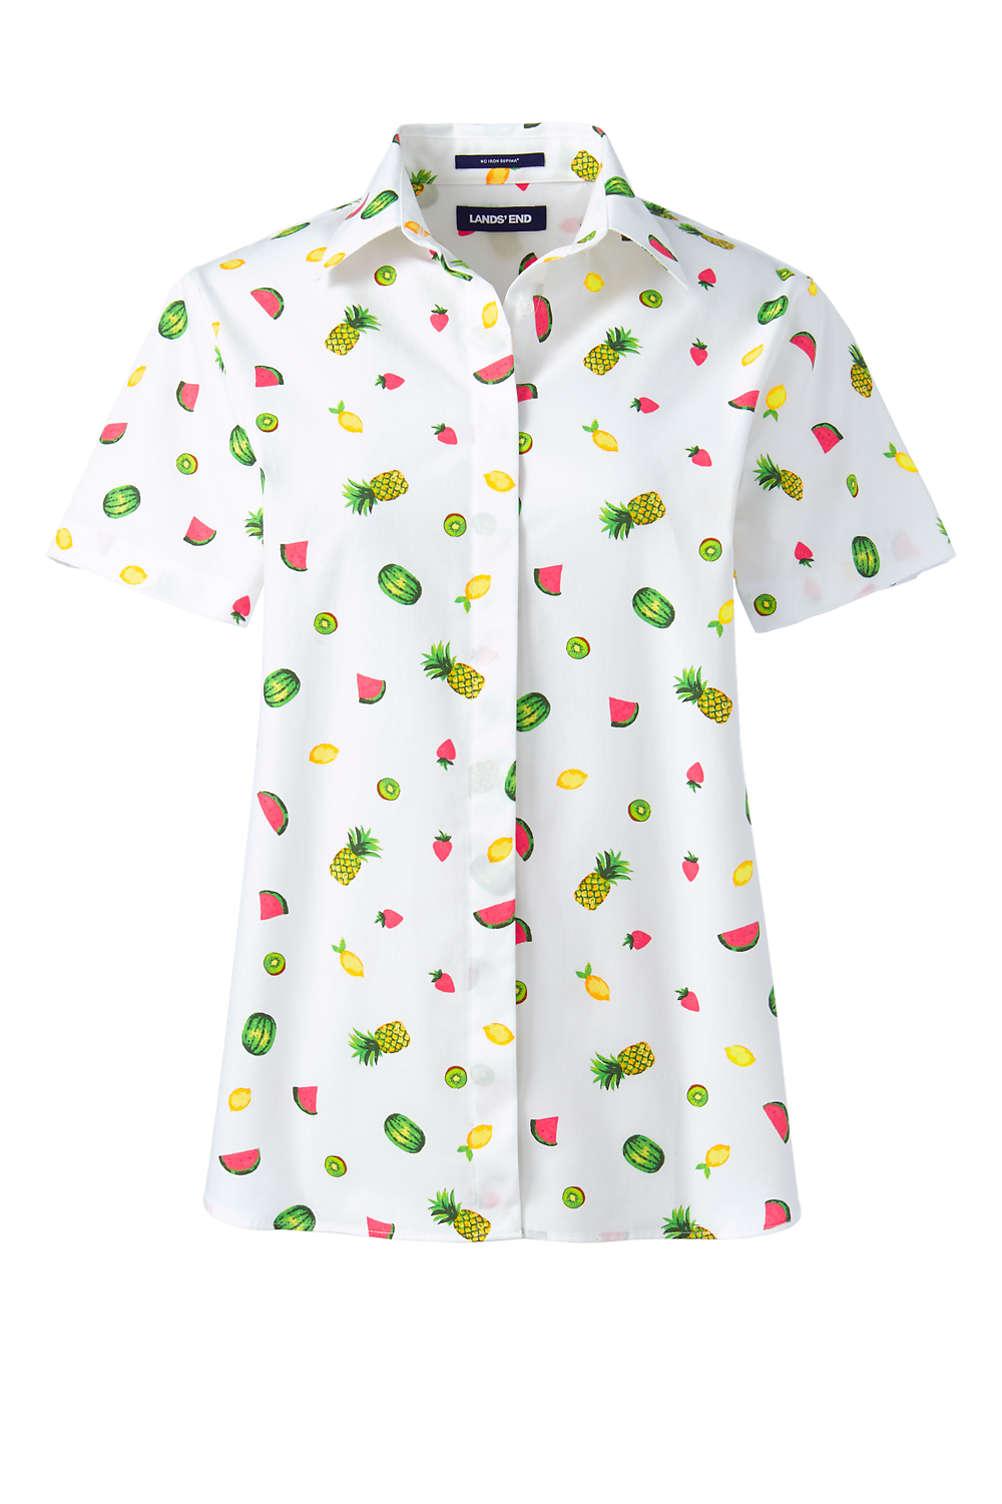 244398d3 Lands End Womens Short Sleeve Shirts - DREAMWORKS